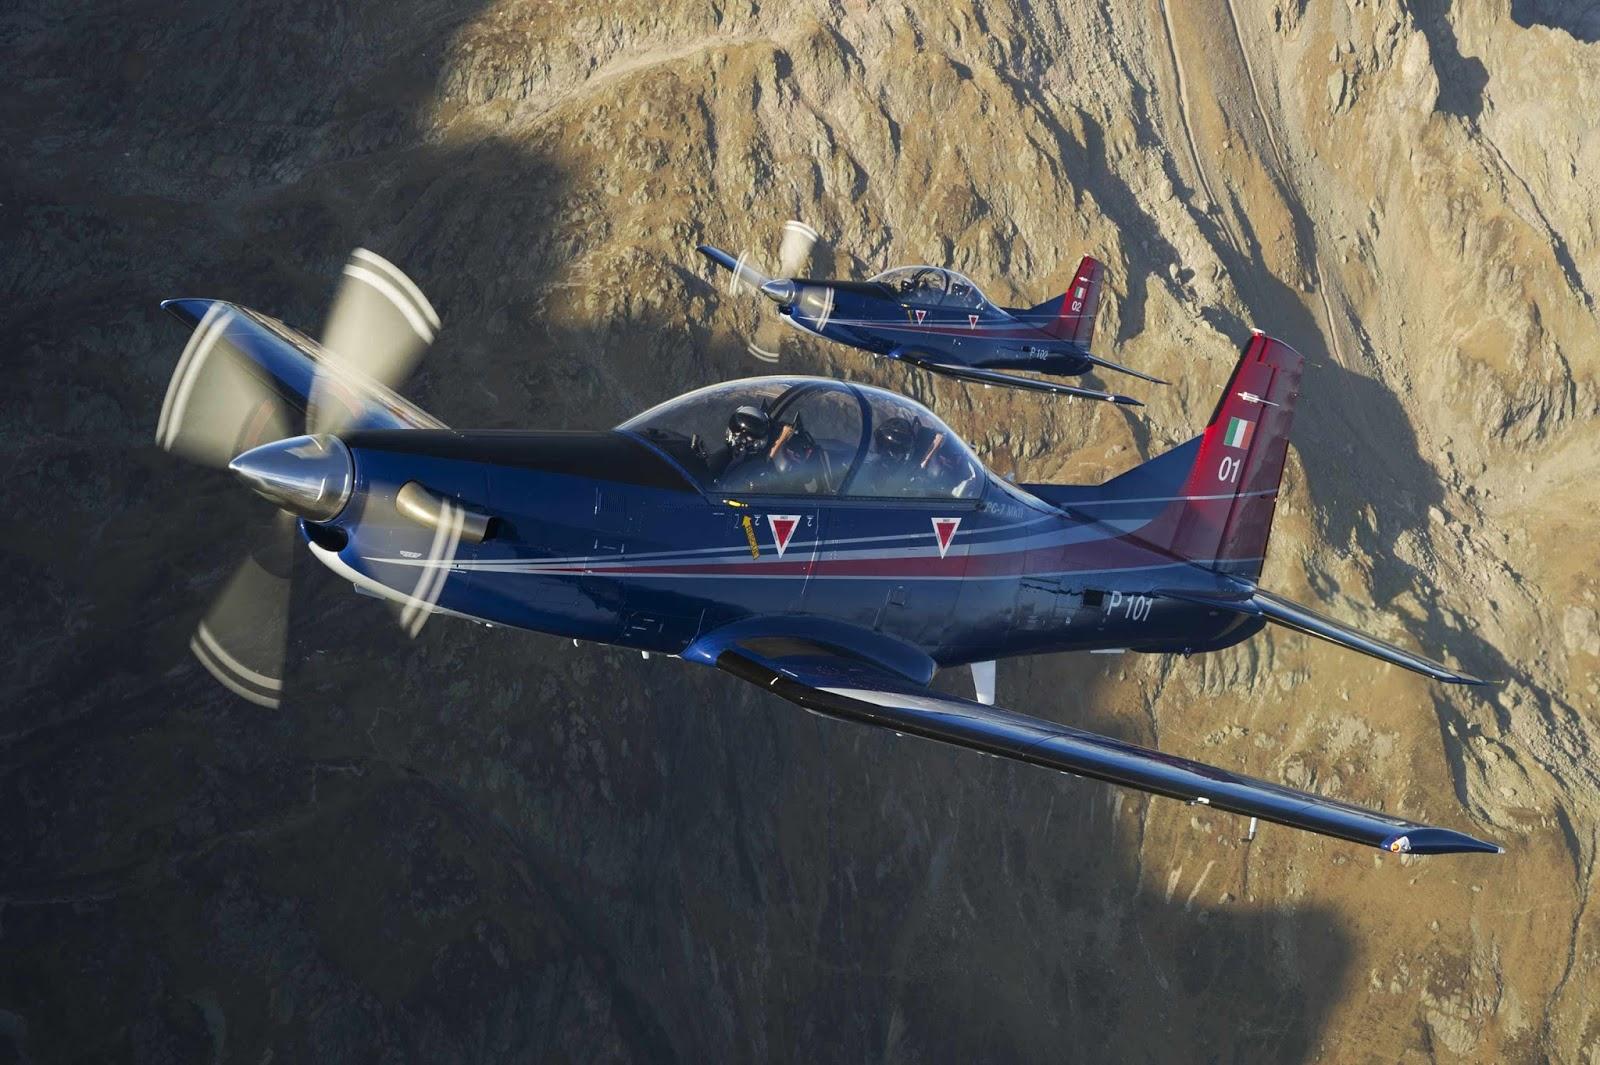 broadsword  air force at war with hindustan aeronautics